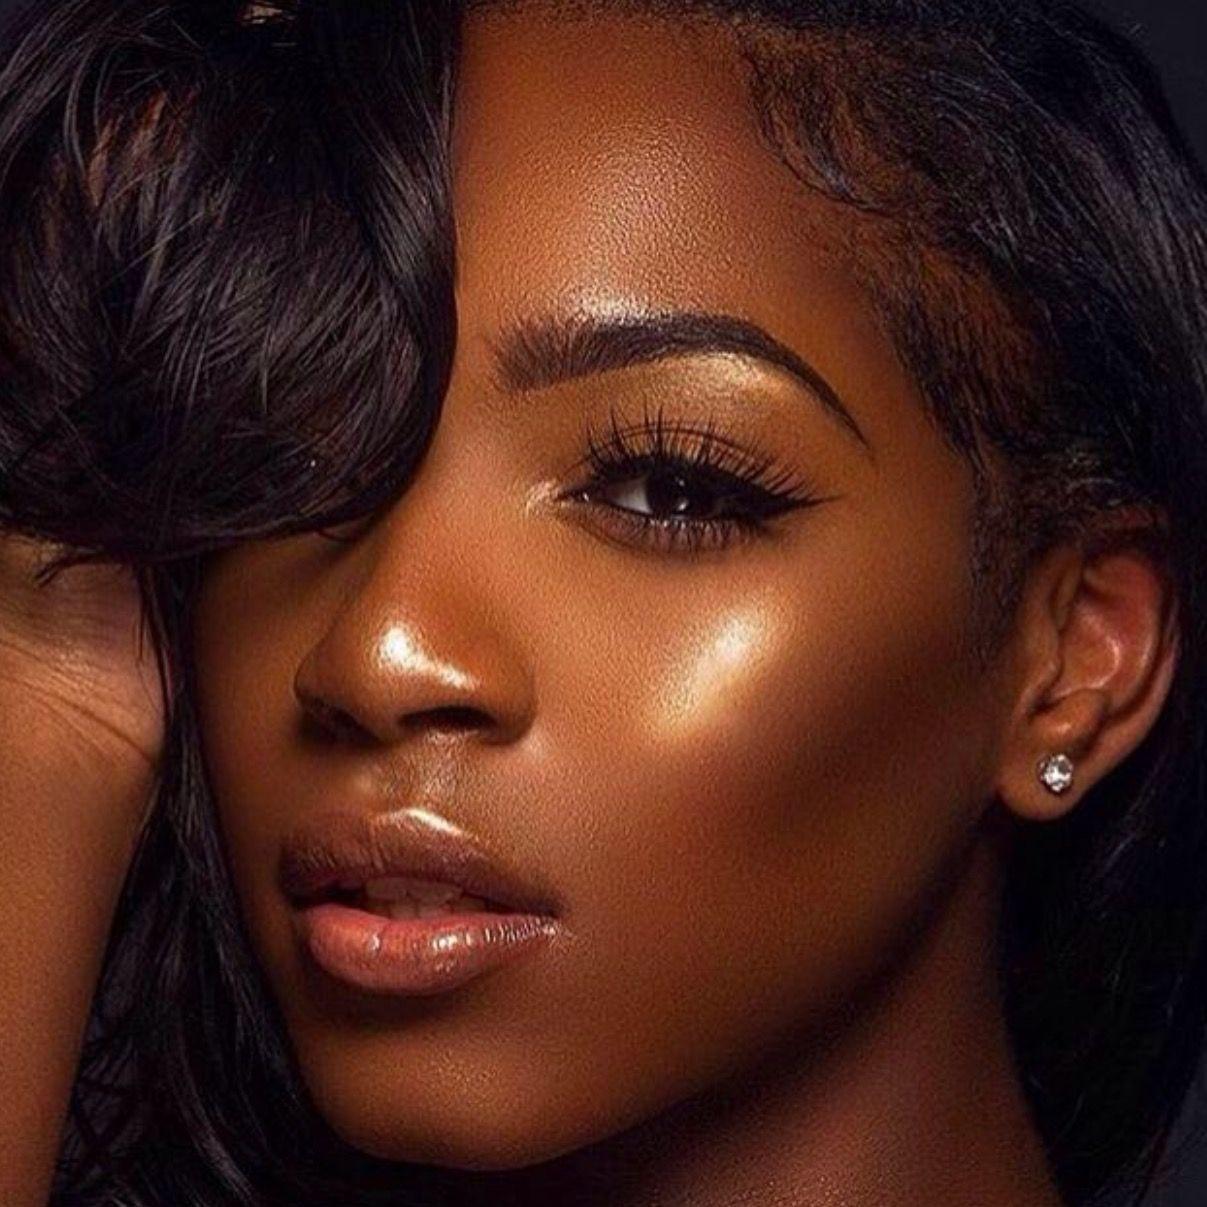 Pinterest naedynasty for the luv of melanin